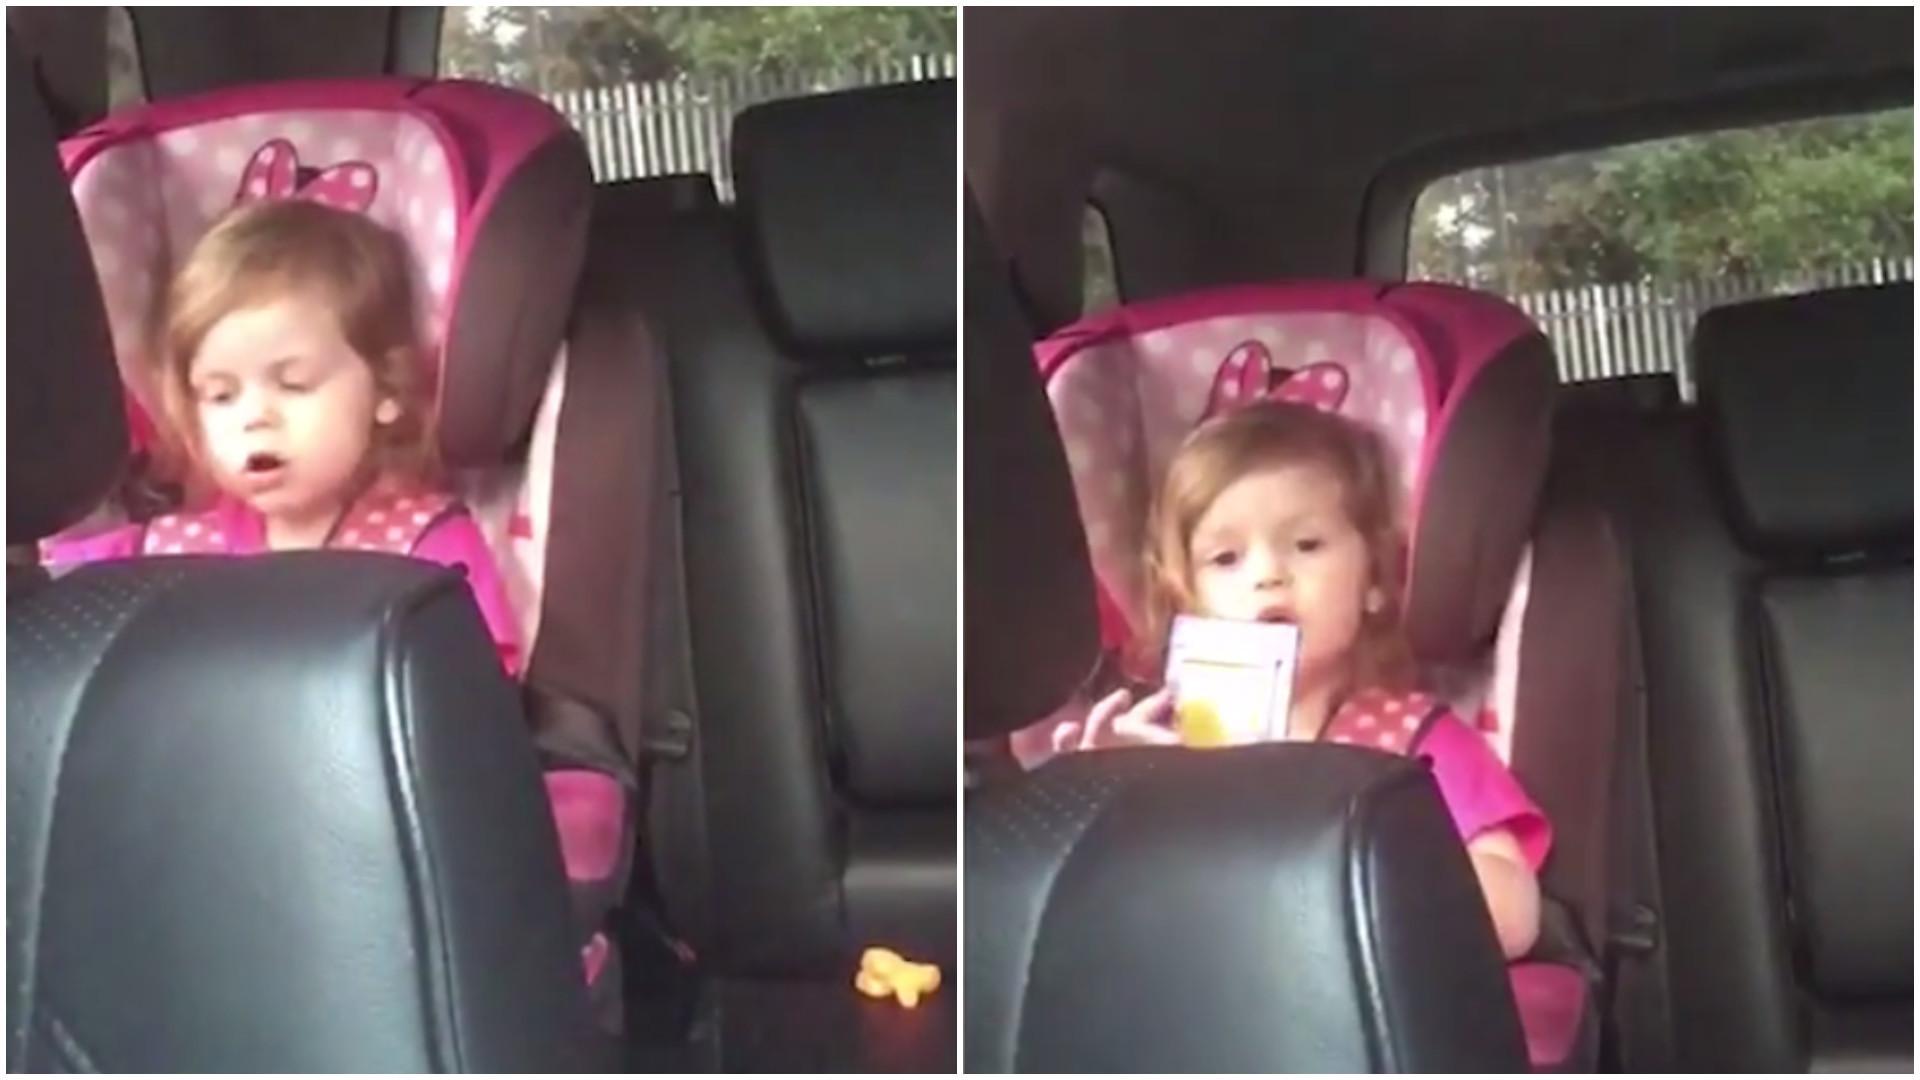 Menina de 3 anos impressiona ao cantar 'Bohemian Rhapsody' do Queen